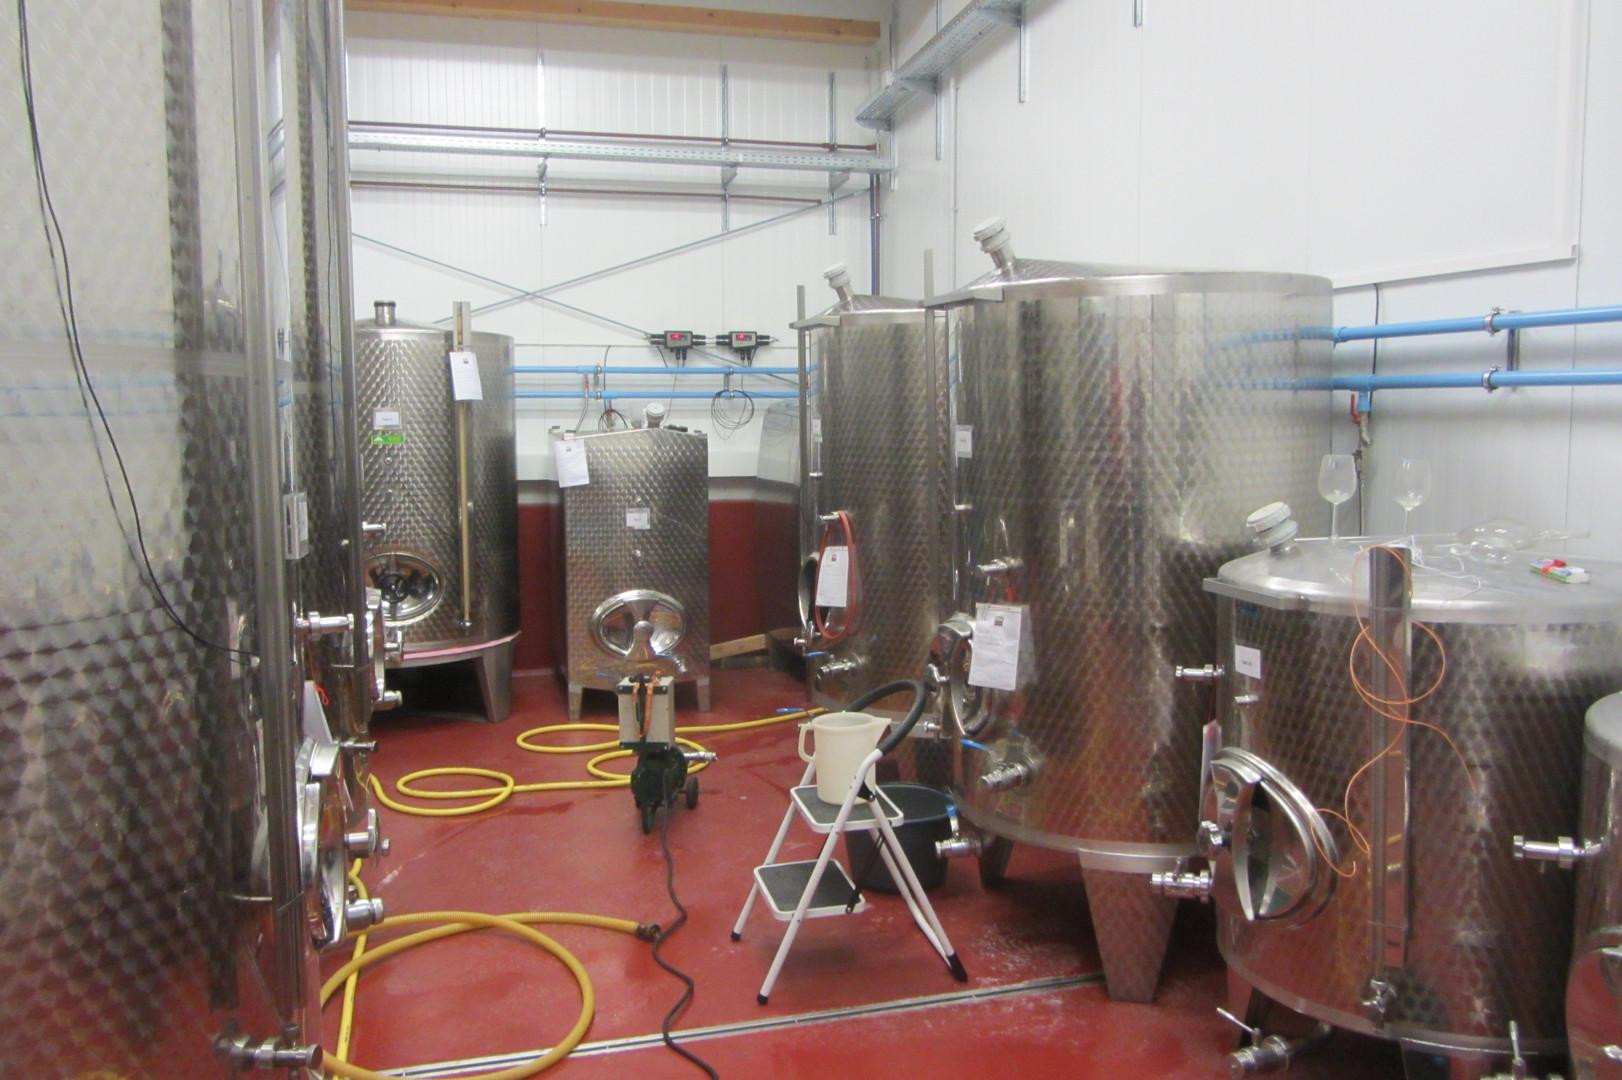 Weinproduktionshalle Maustrenk 02.JPG